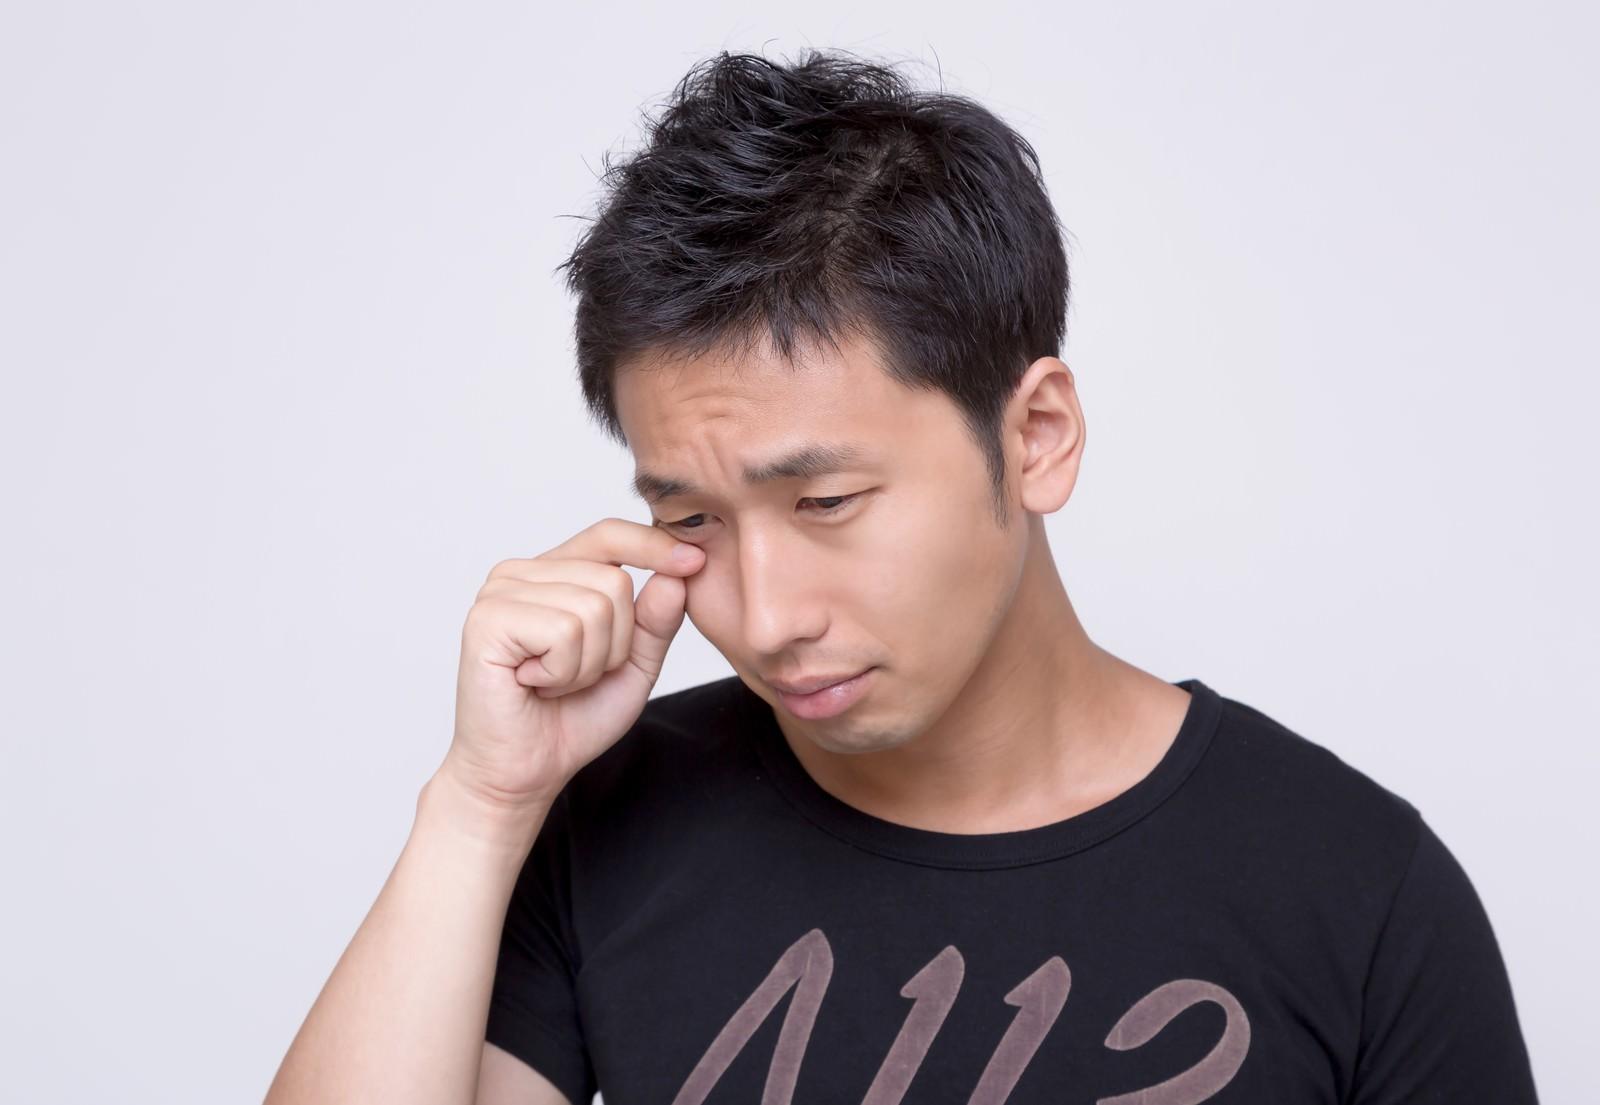 「涙がポロリ、草食系男子涙がポロリ、草食系男子」[モデル:大川竜弥]のフリー写真素材を拡大